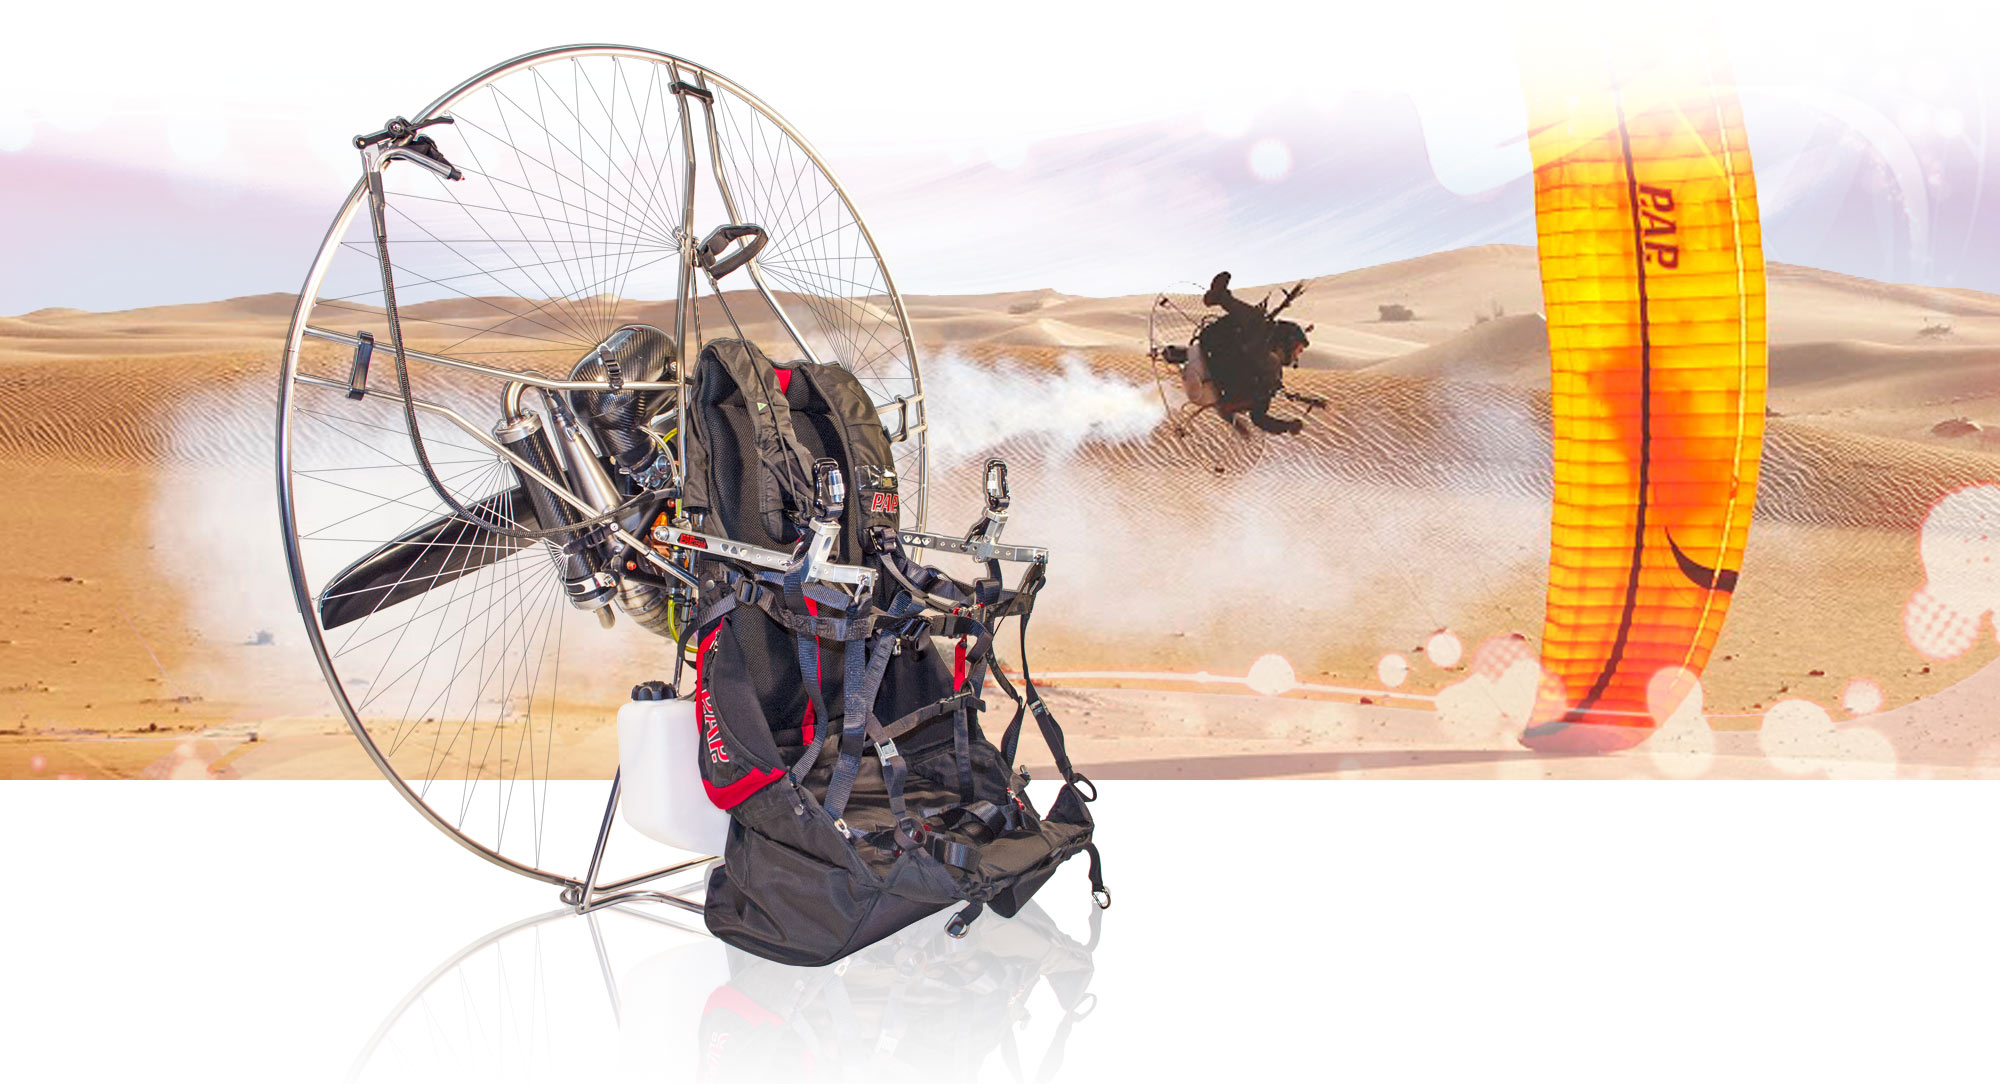 Tinox Paramotor